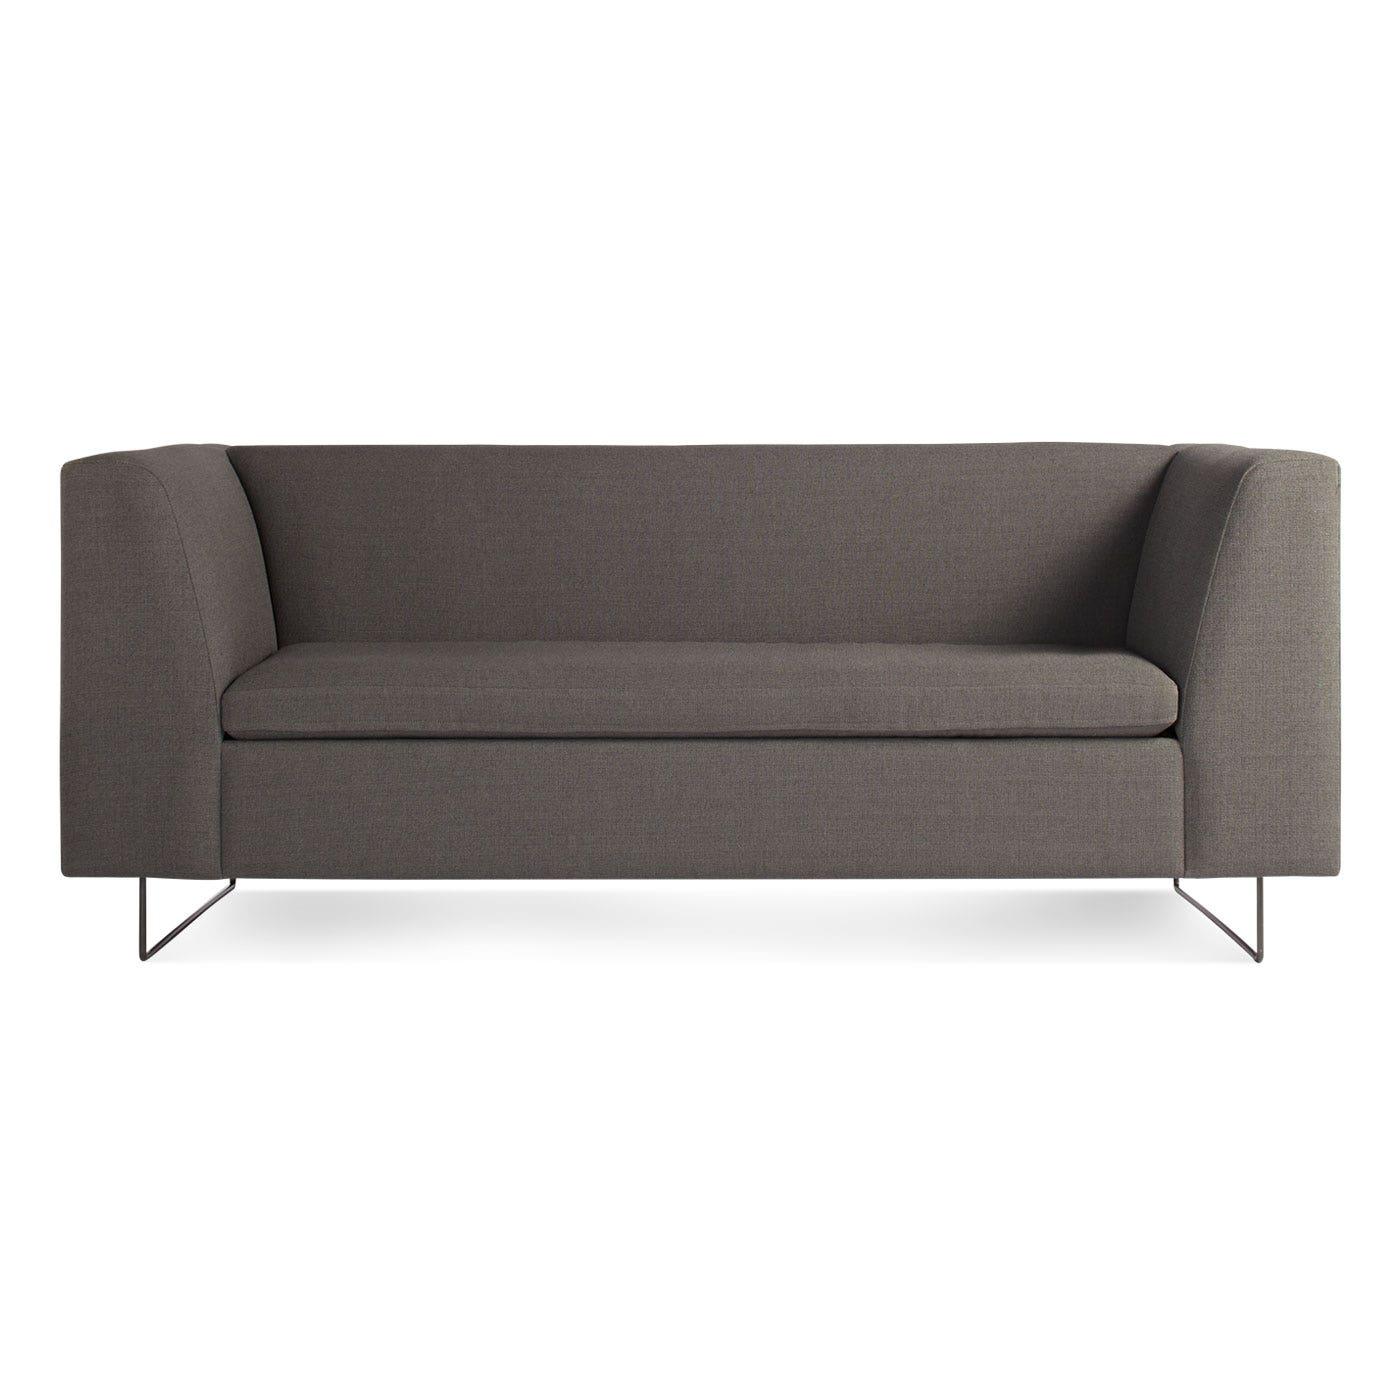 Bonnie Studio Sofa – Modern Designer Sofas & Couches | Blu Dot